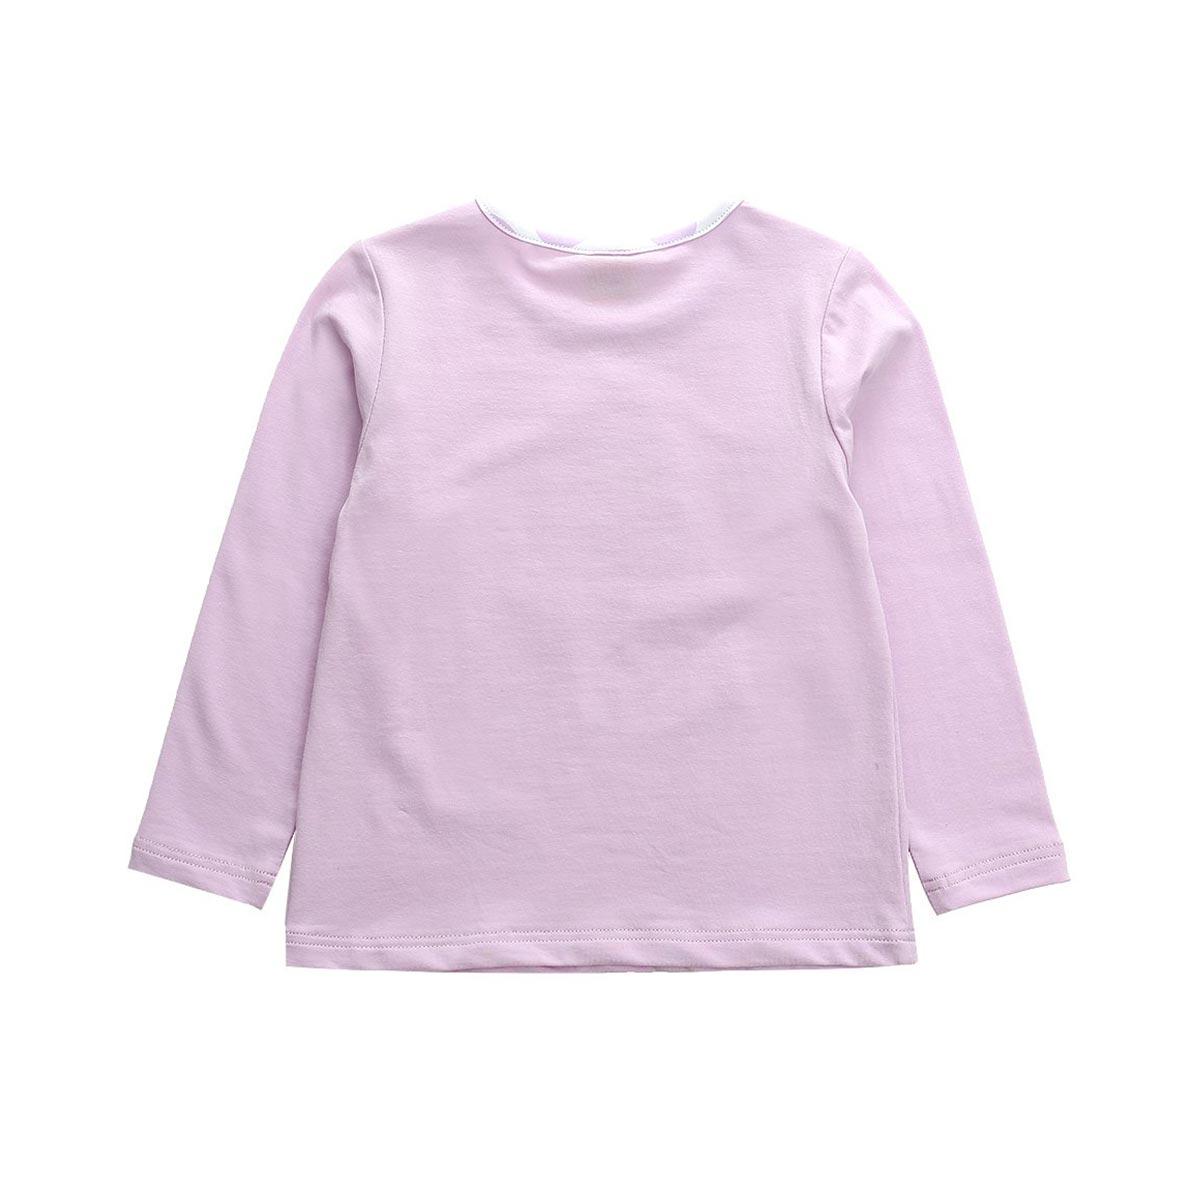 小熊维尼长袖衬衣